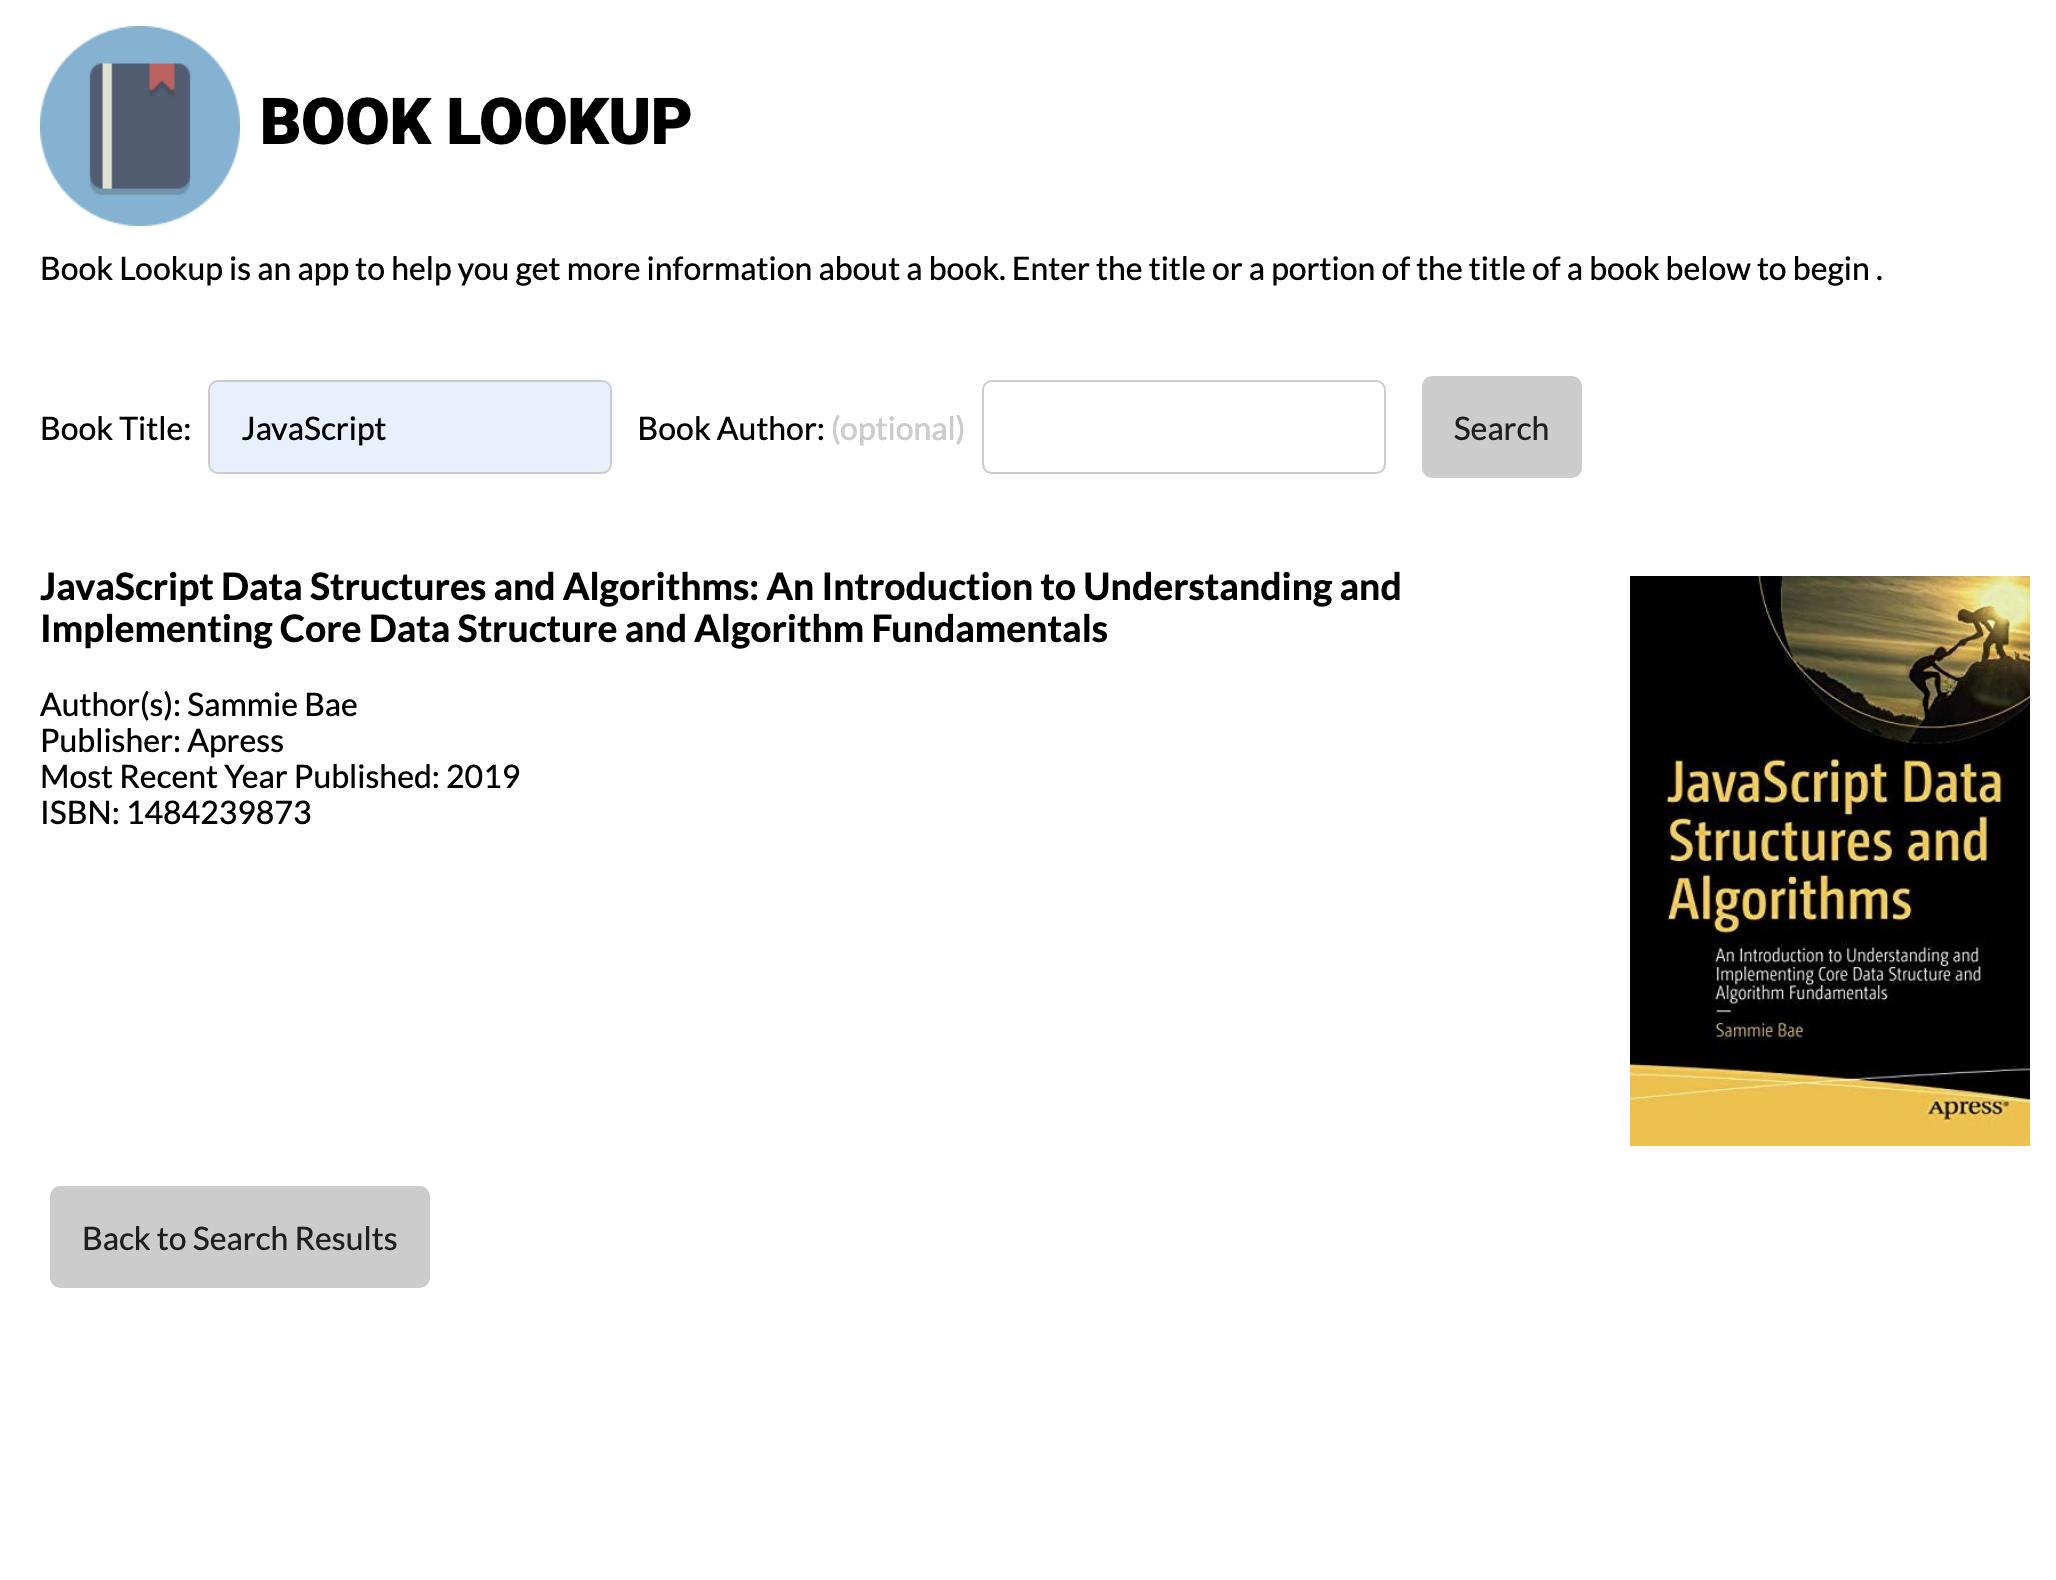 Book Details Screenshot